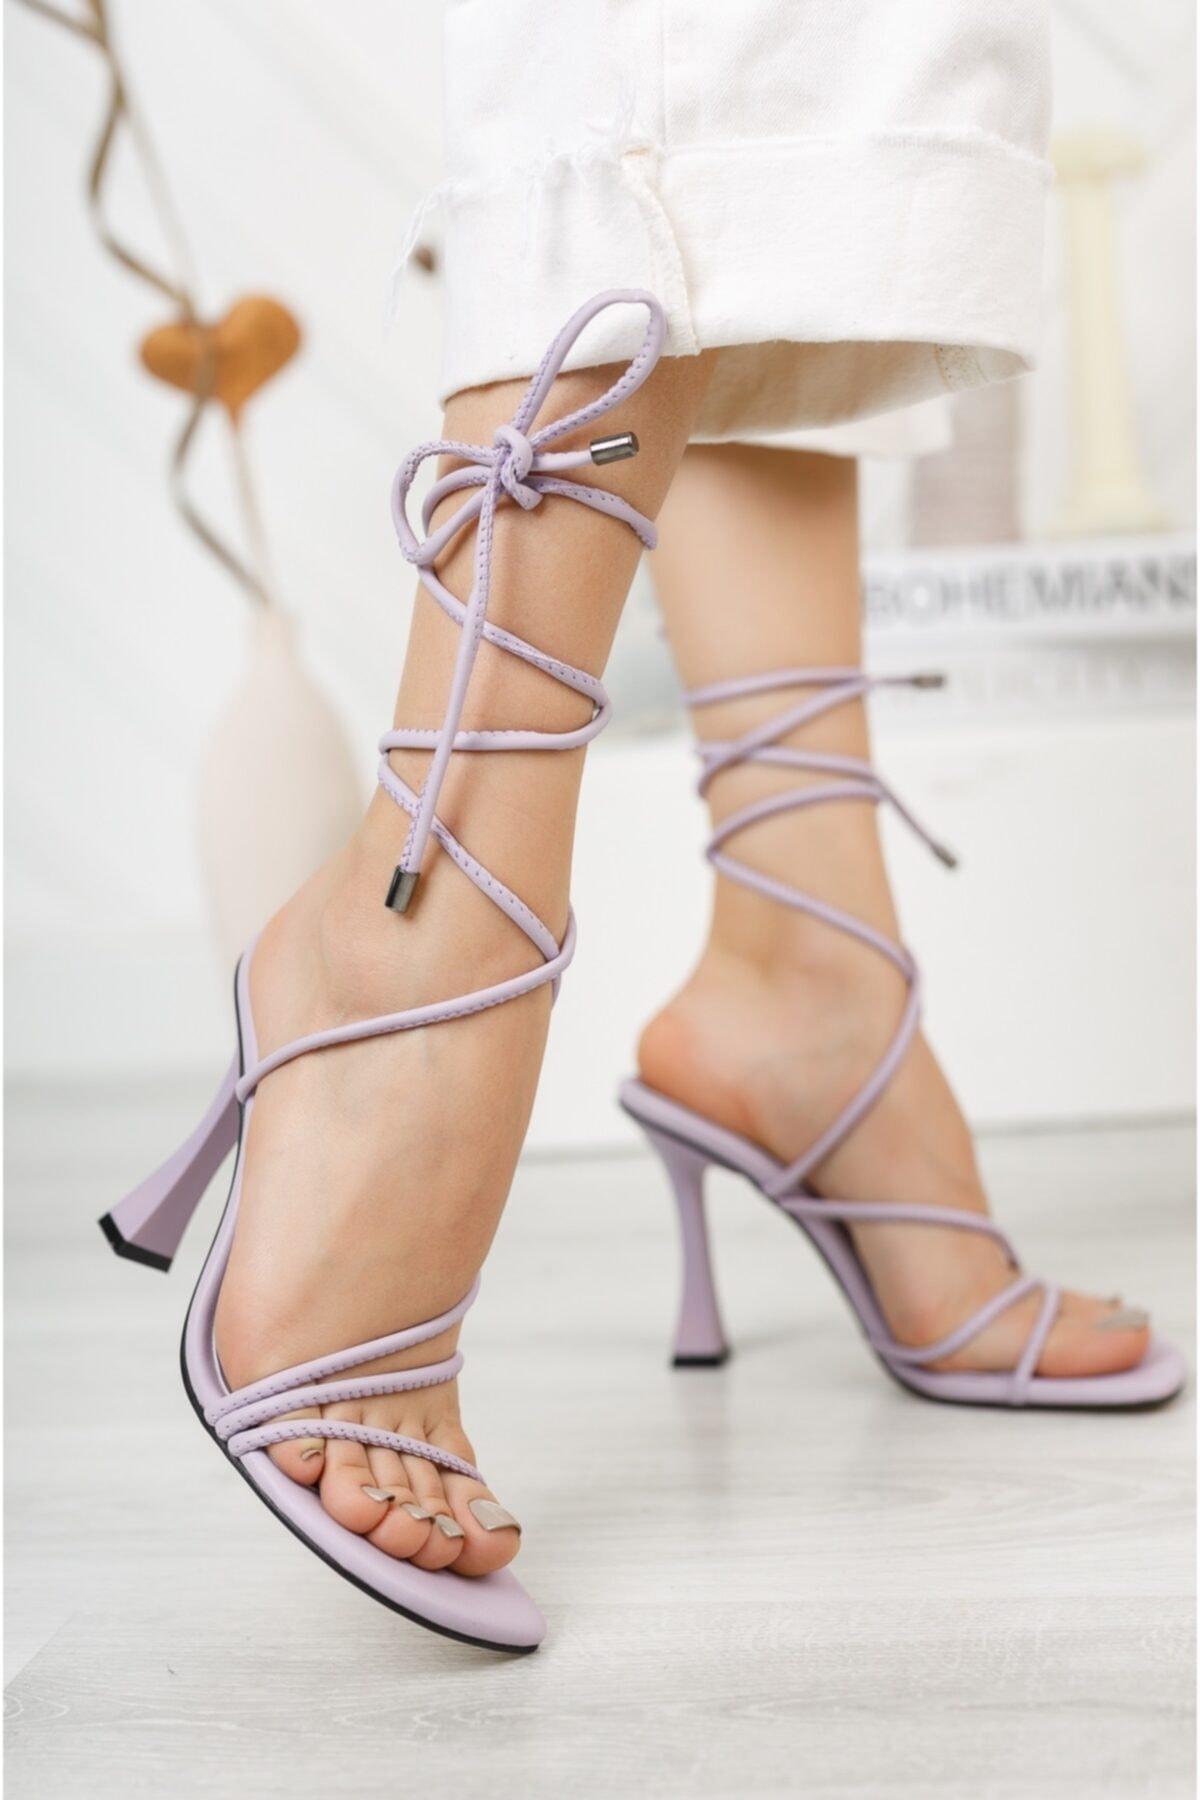 Kadın Lila Bilekten Bağlama Yüksek Topuklu Ayakkabı